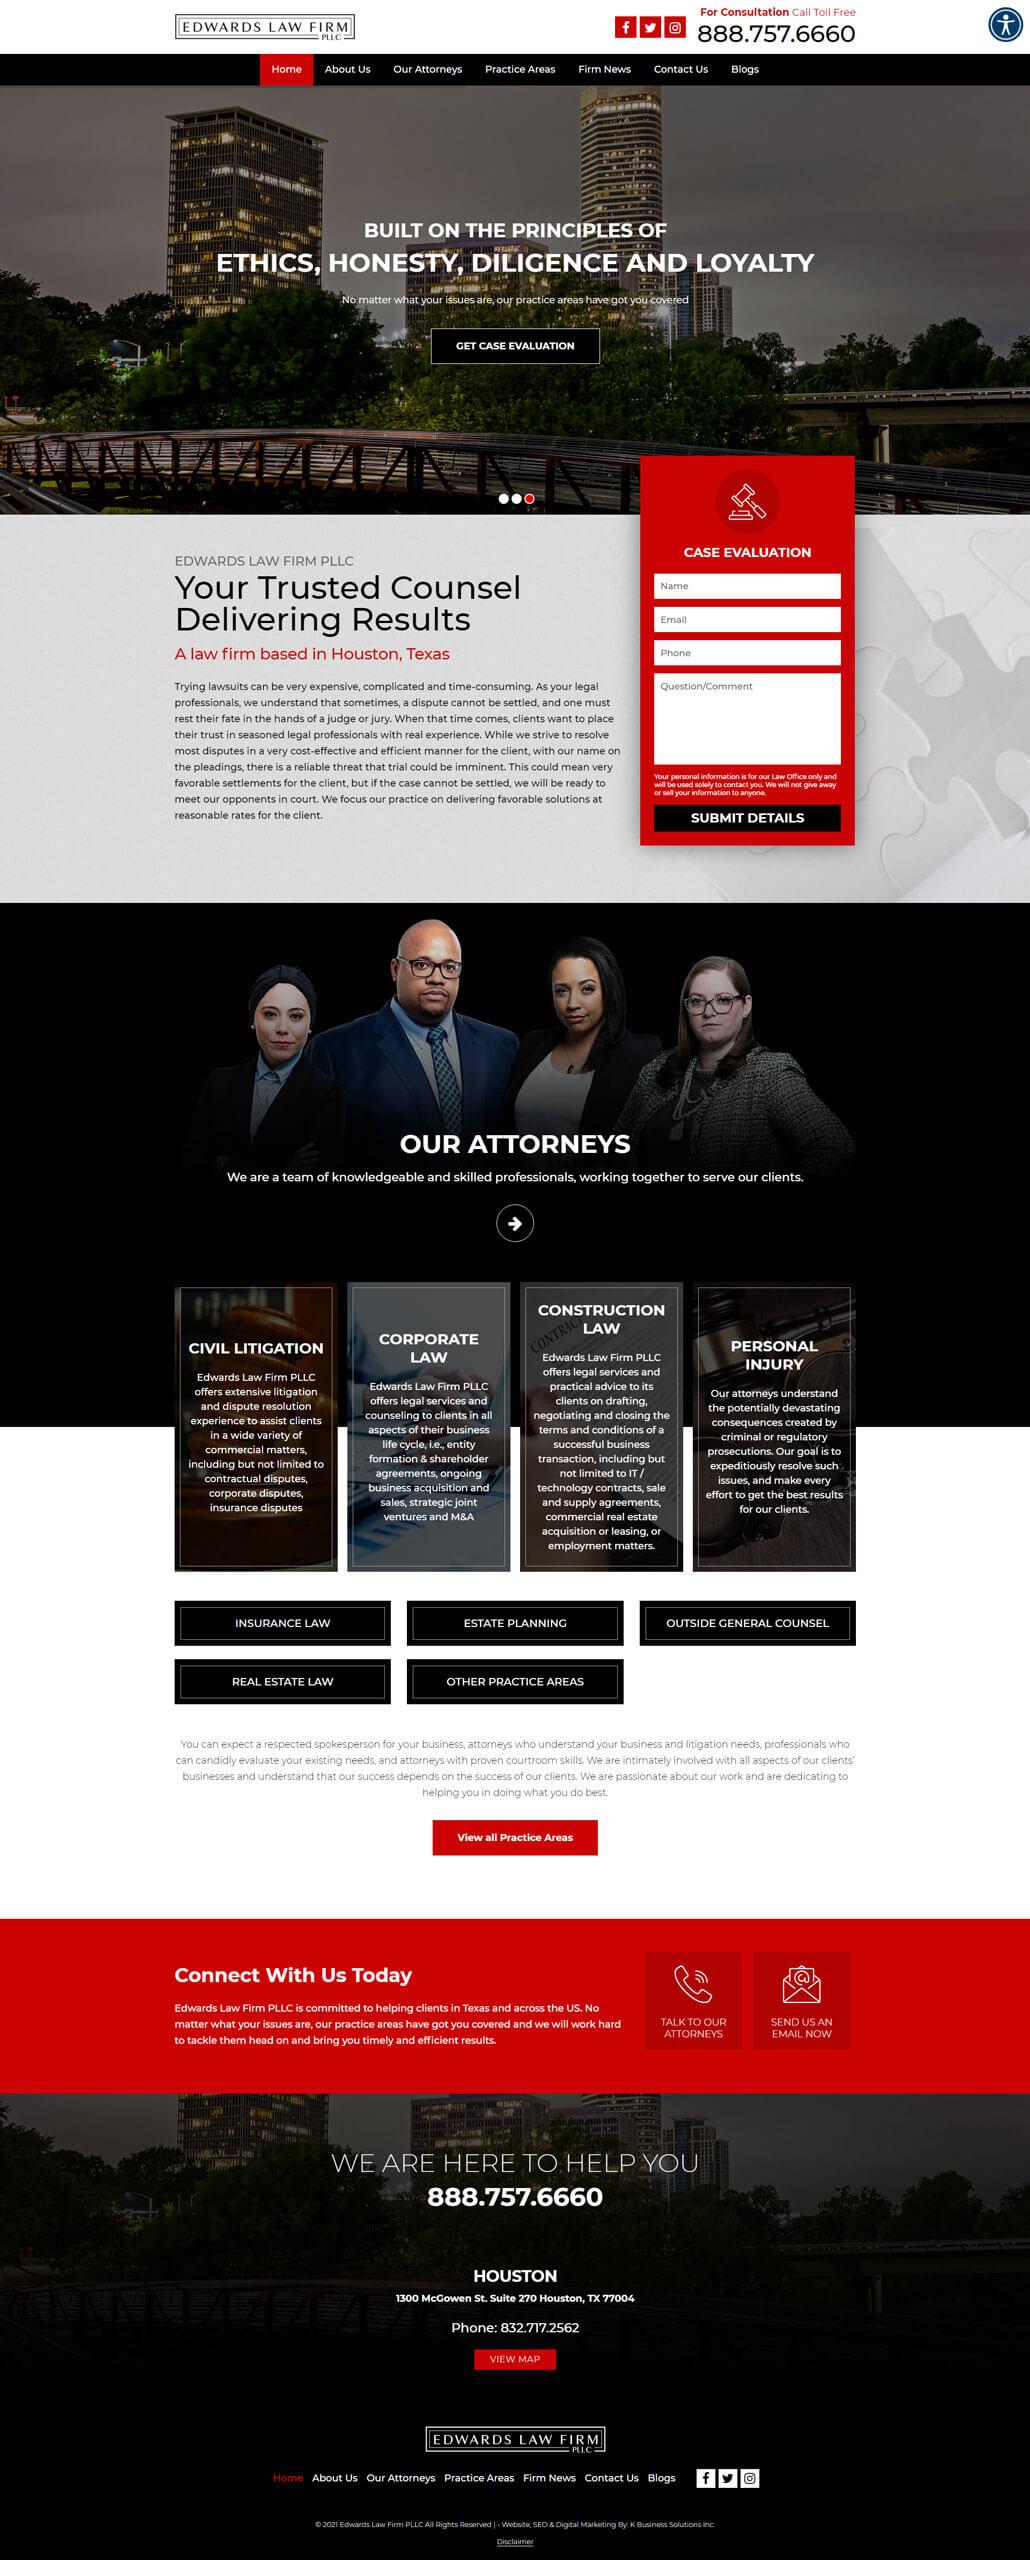 Edwards Sutarwala Partners